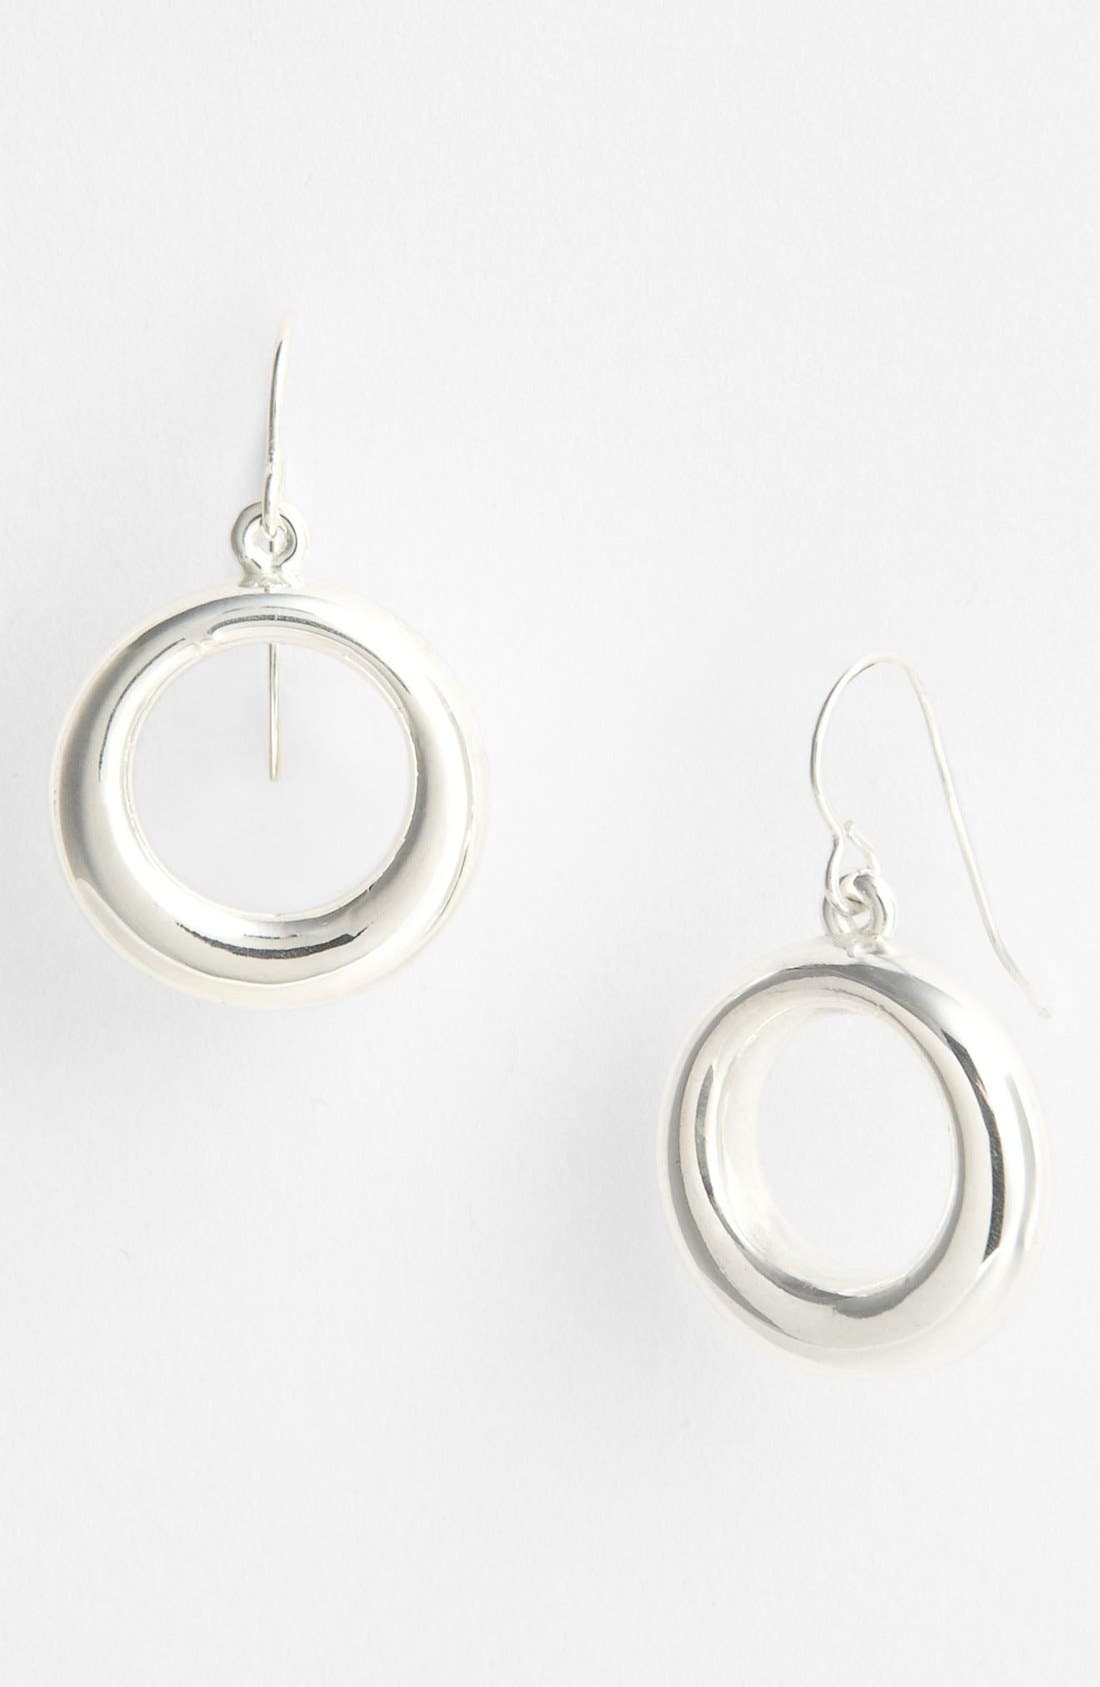 Main Image - Simon Sebbag 'Contemporary' Small Open Circle Drop Earrings